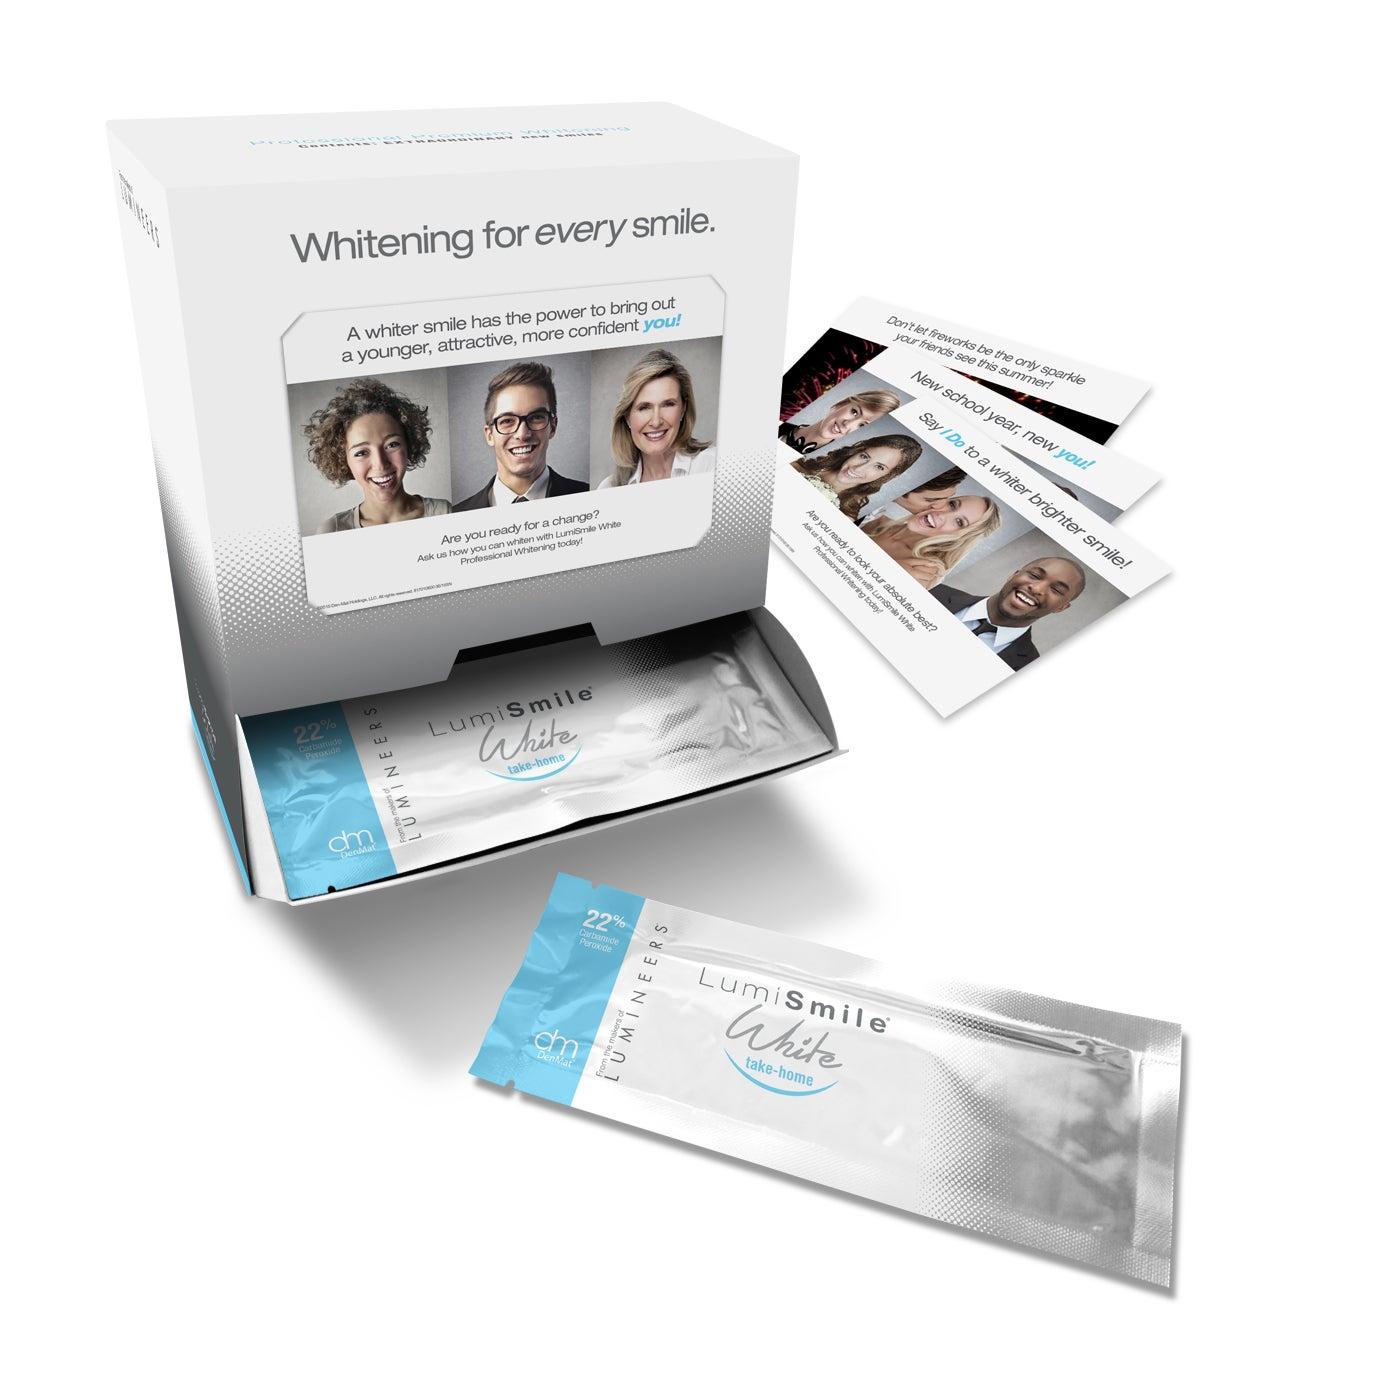 Dental Whitening Kit - LumiSmile® White Take-Home 22%